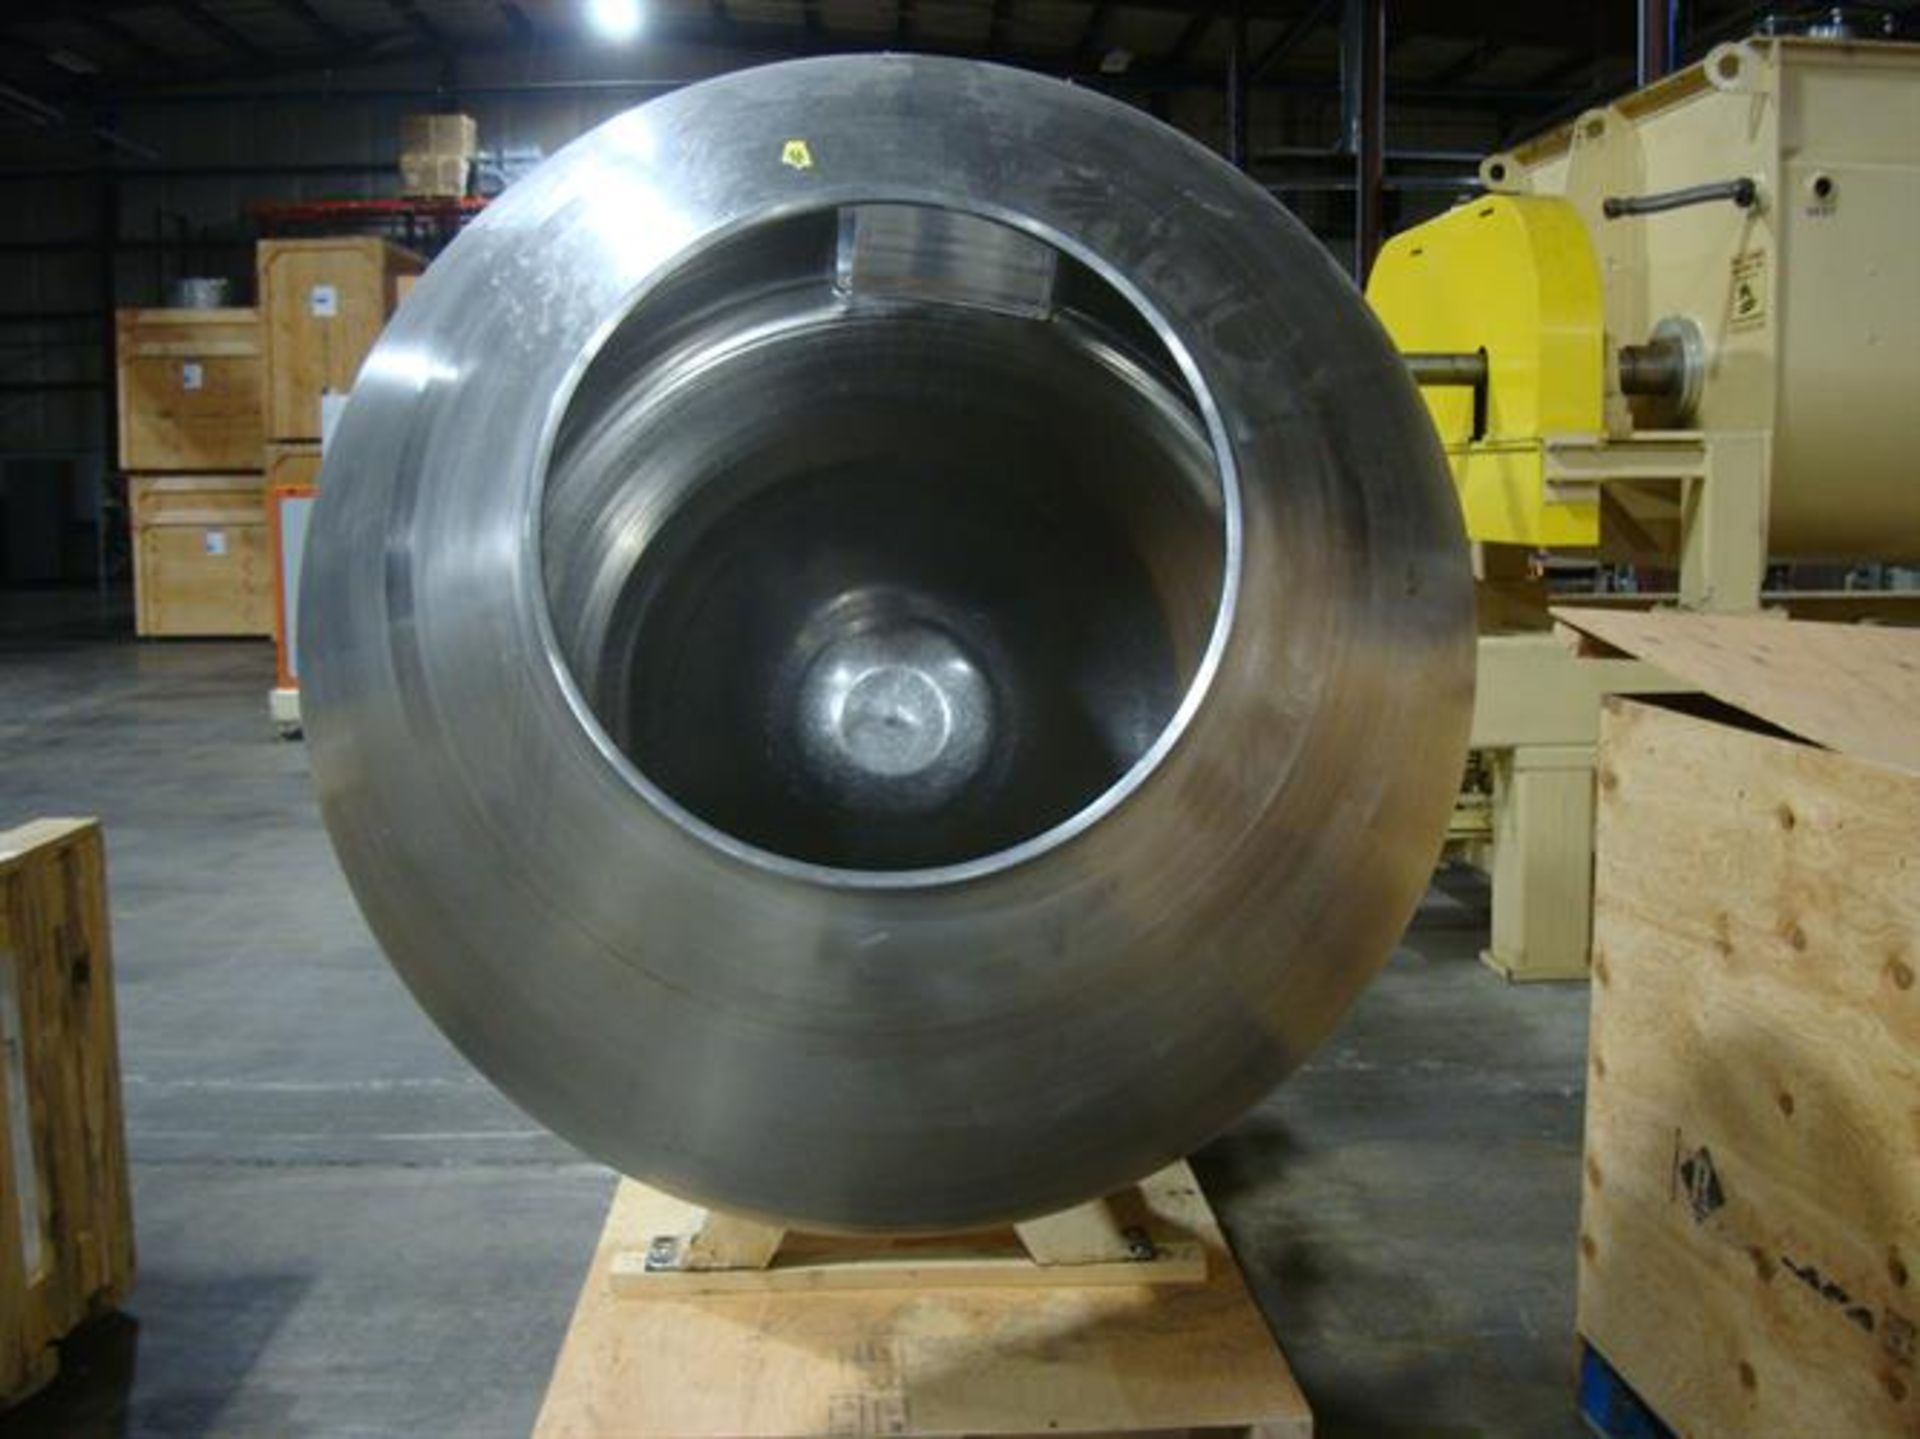 """Coating Pan 52"""" Diameter Stainless Steel Grossing Pan - 52"""" diameter - 23.75"""" diameter opening x - Image 3 of 4"""